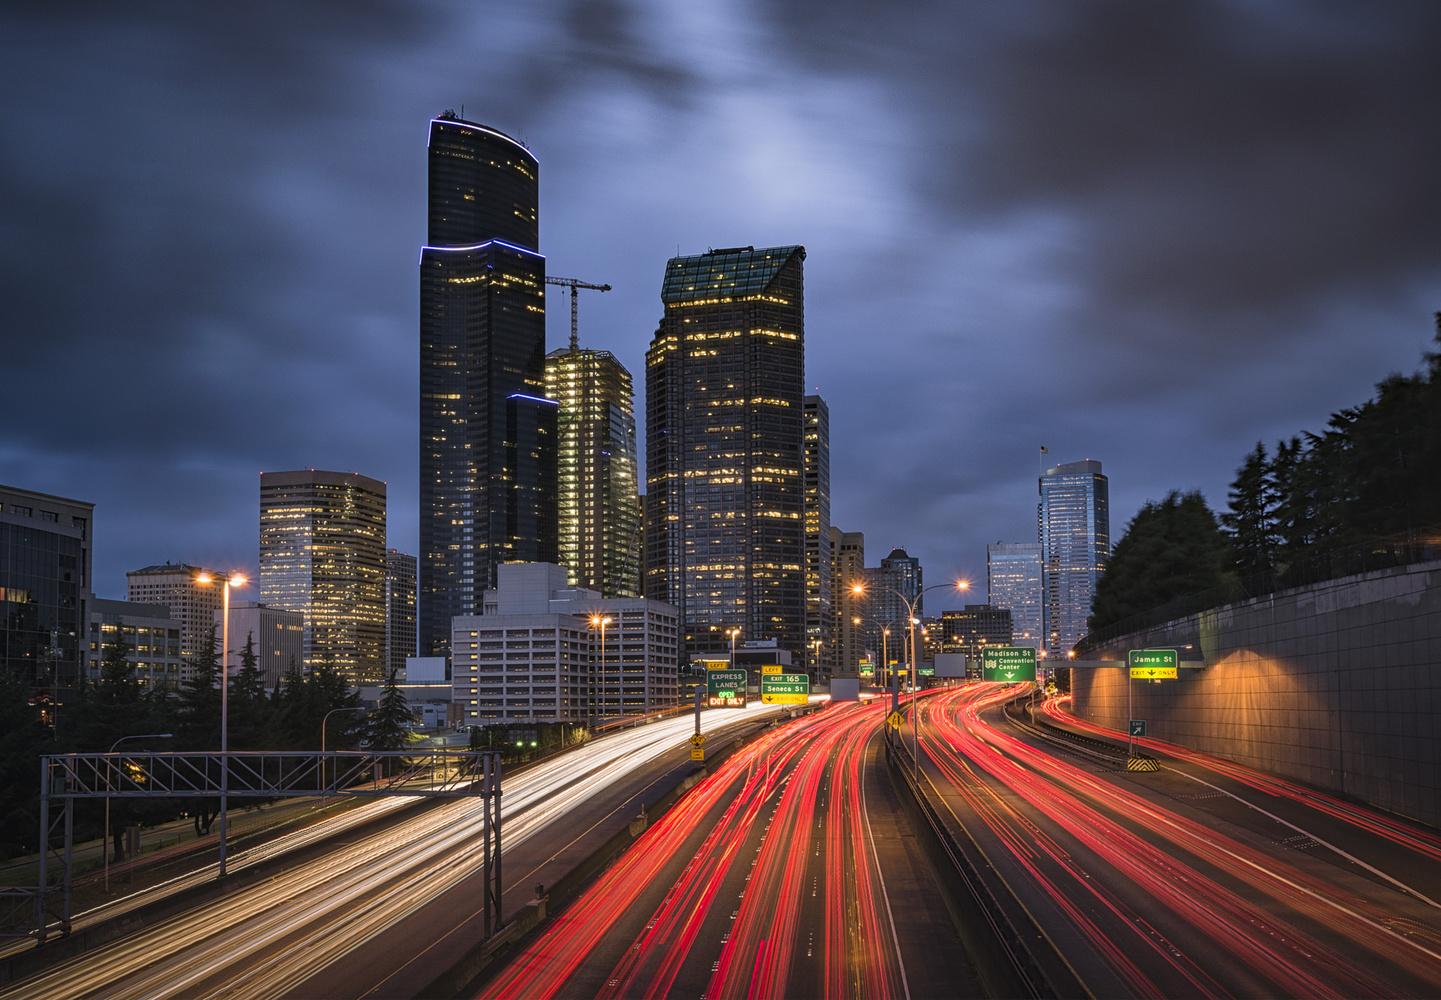 Seattle Rush Hour by Bogdan Tishchenko